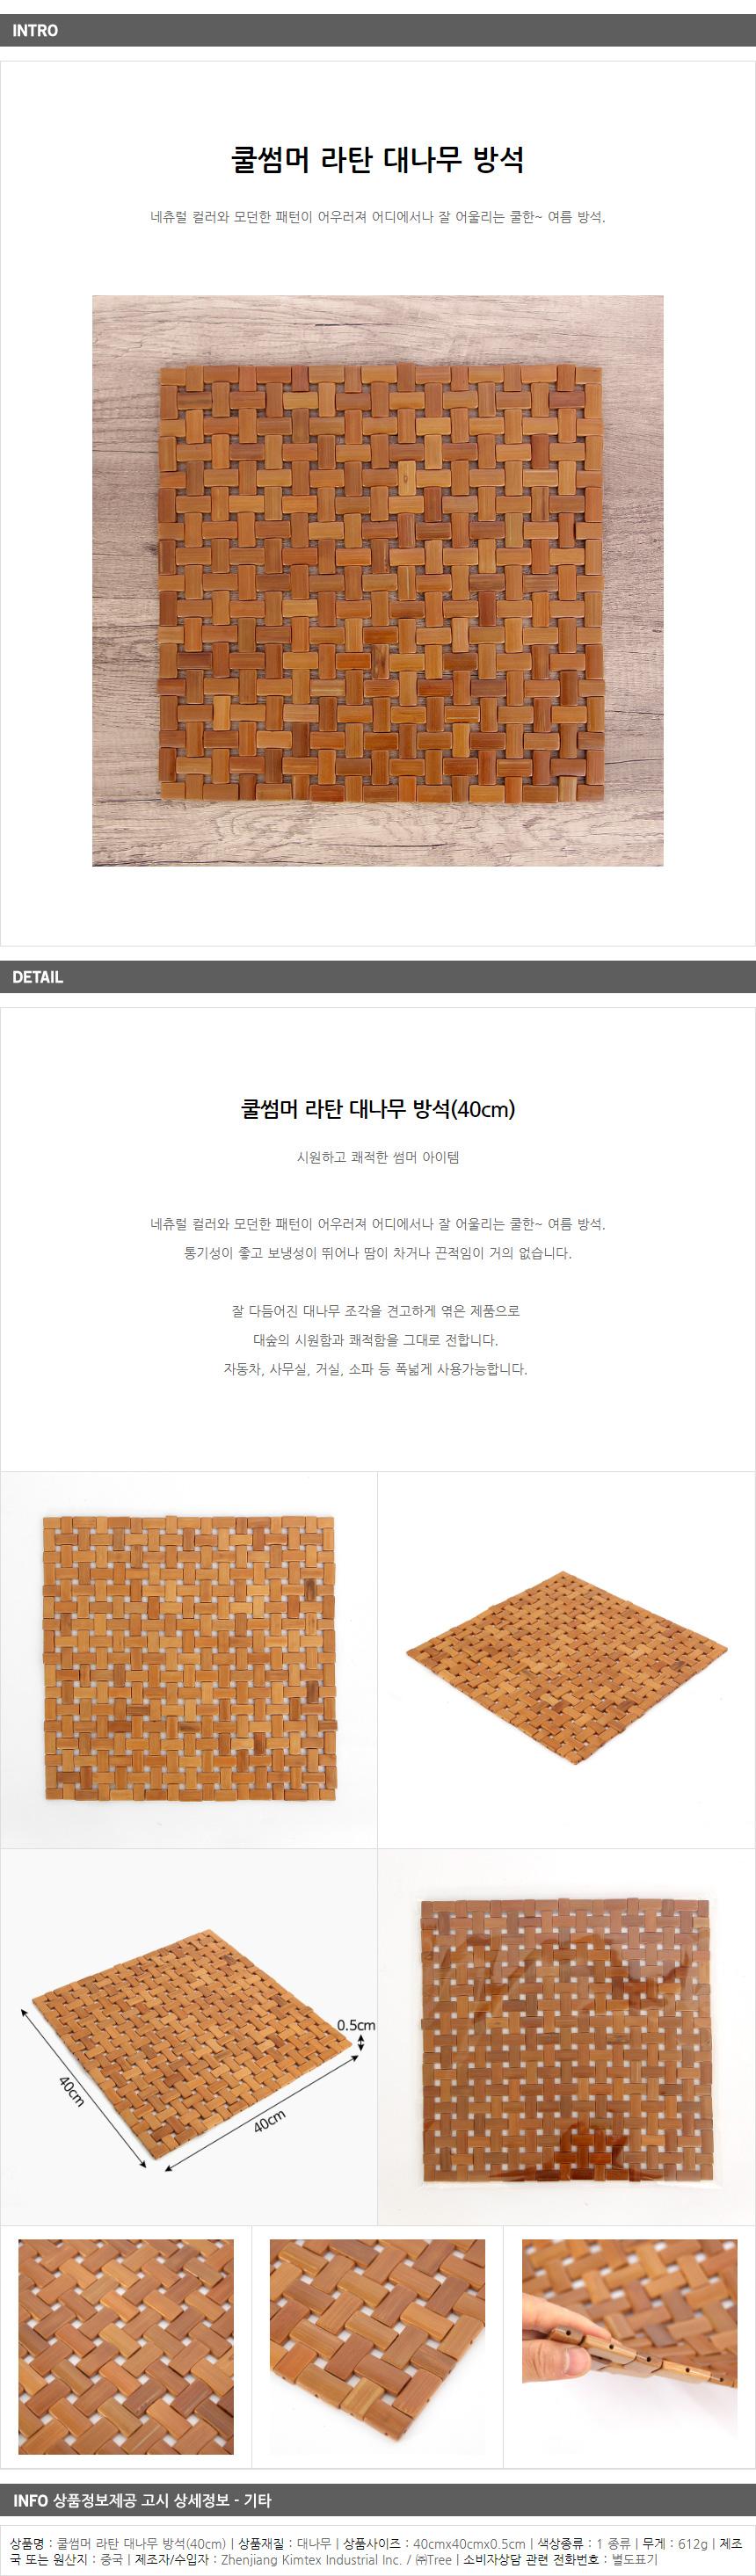 대나무 방석/차량용방석 여름방석 통풍방석 쿨방석 - 기프트갓, 8,000원, 여름용매트, 대자리/여름자리